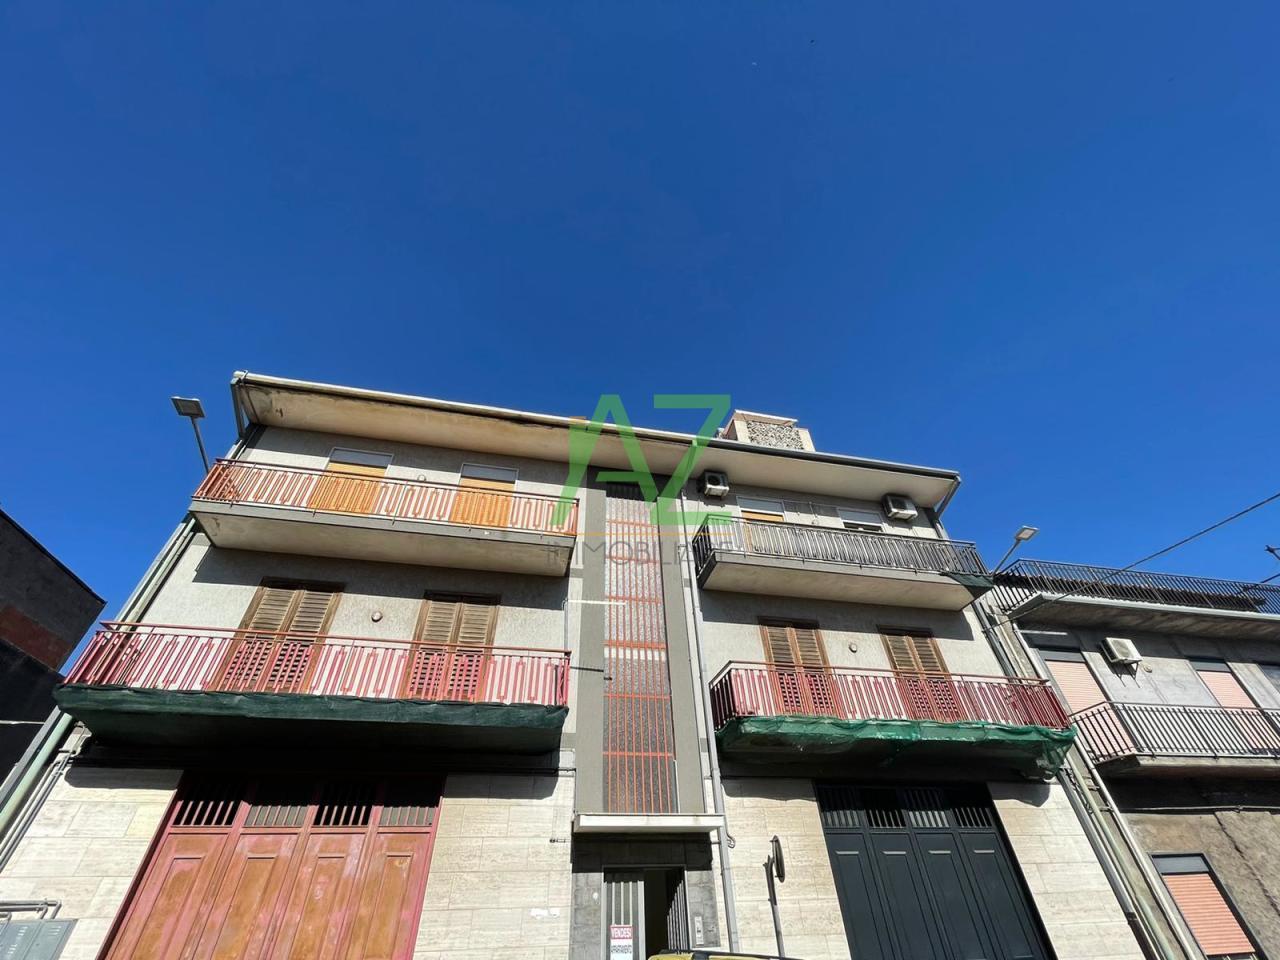 Attico / Mansarda in vendita a Belpasso, 3 locali, prezzo € 54.000 | PortaleAgenzieImmobiliari.it